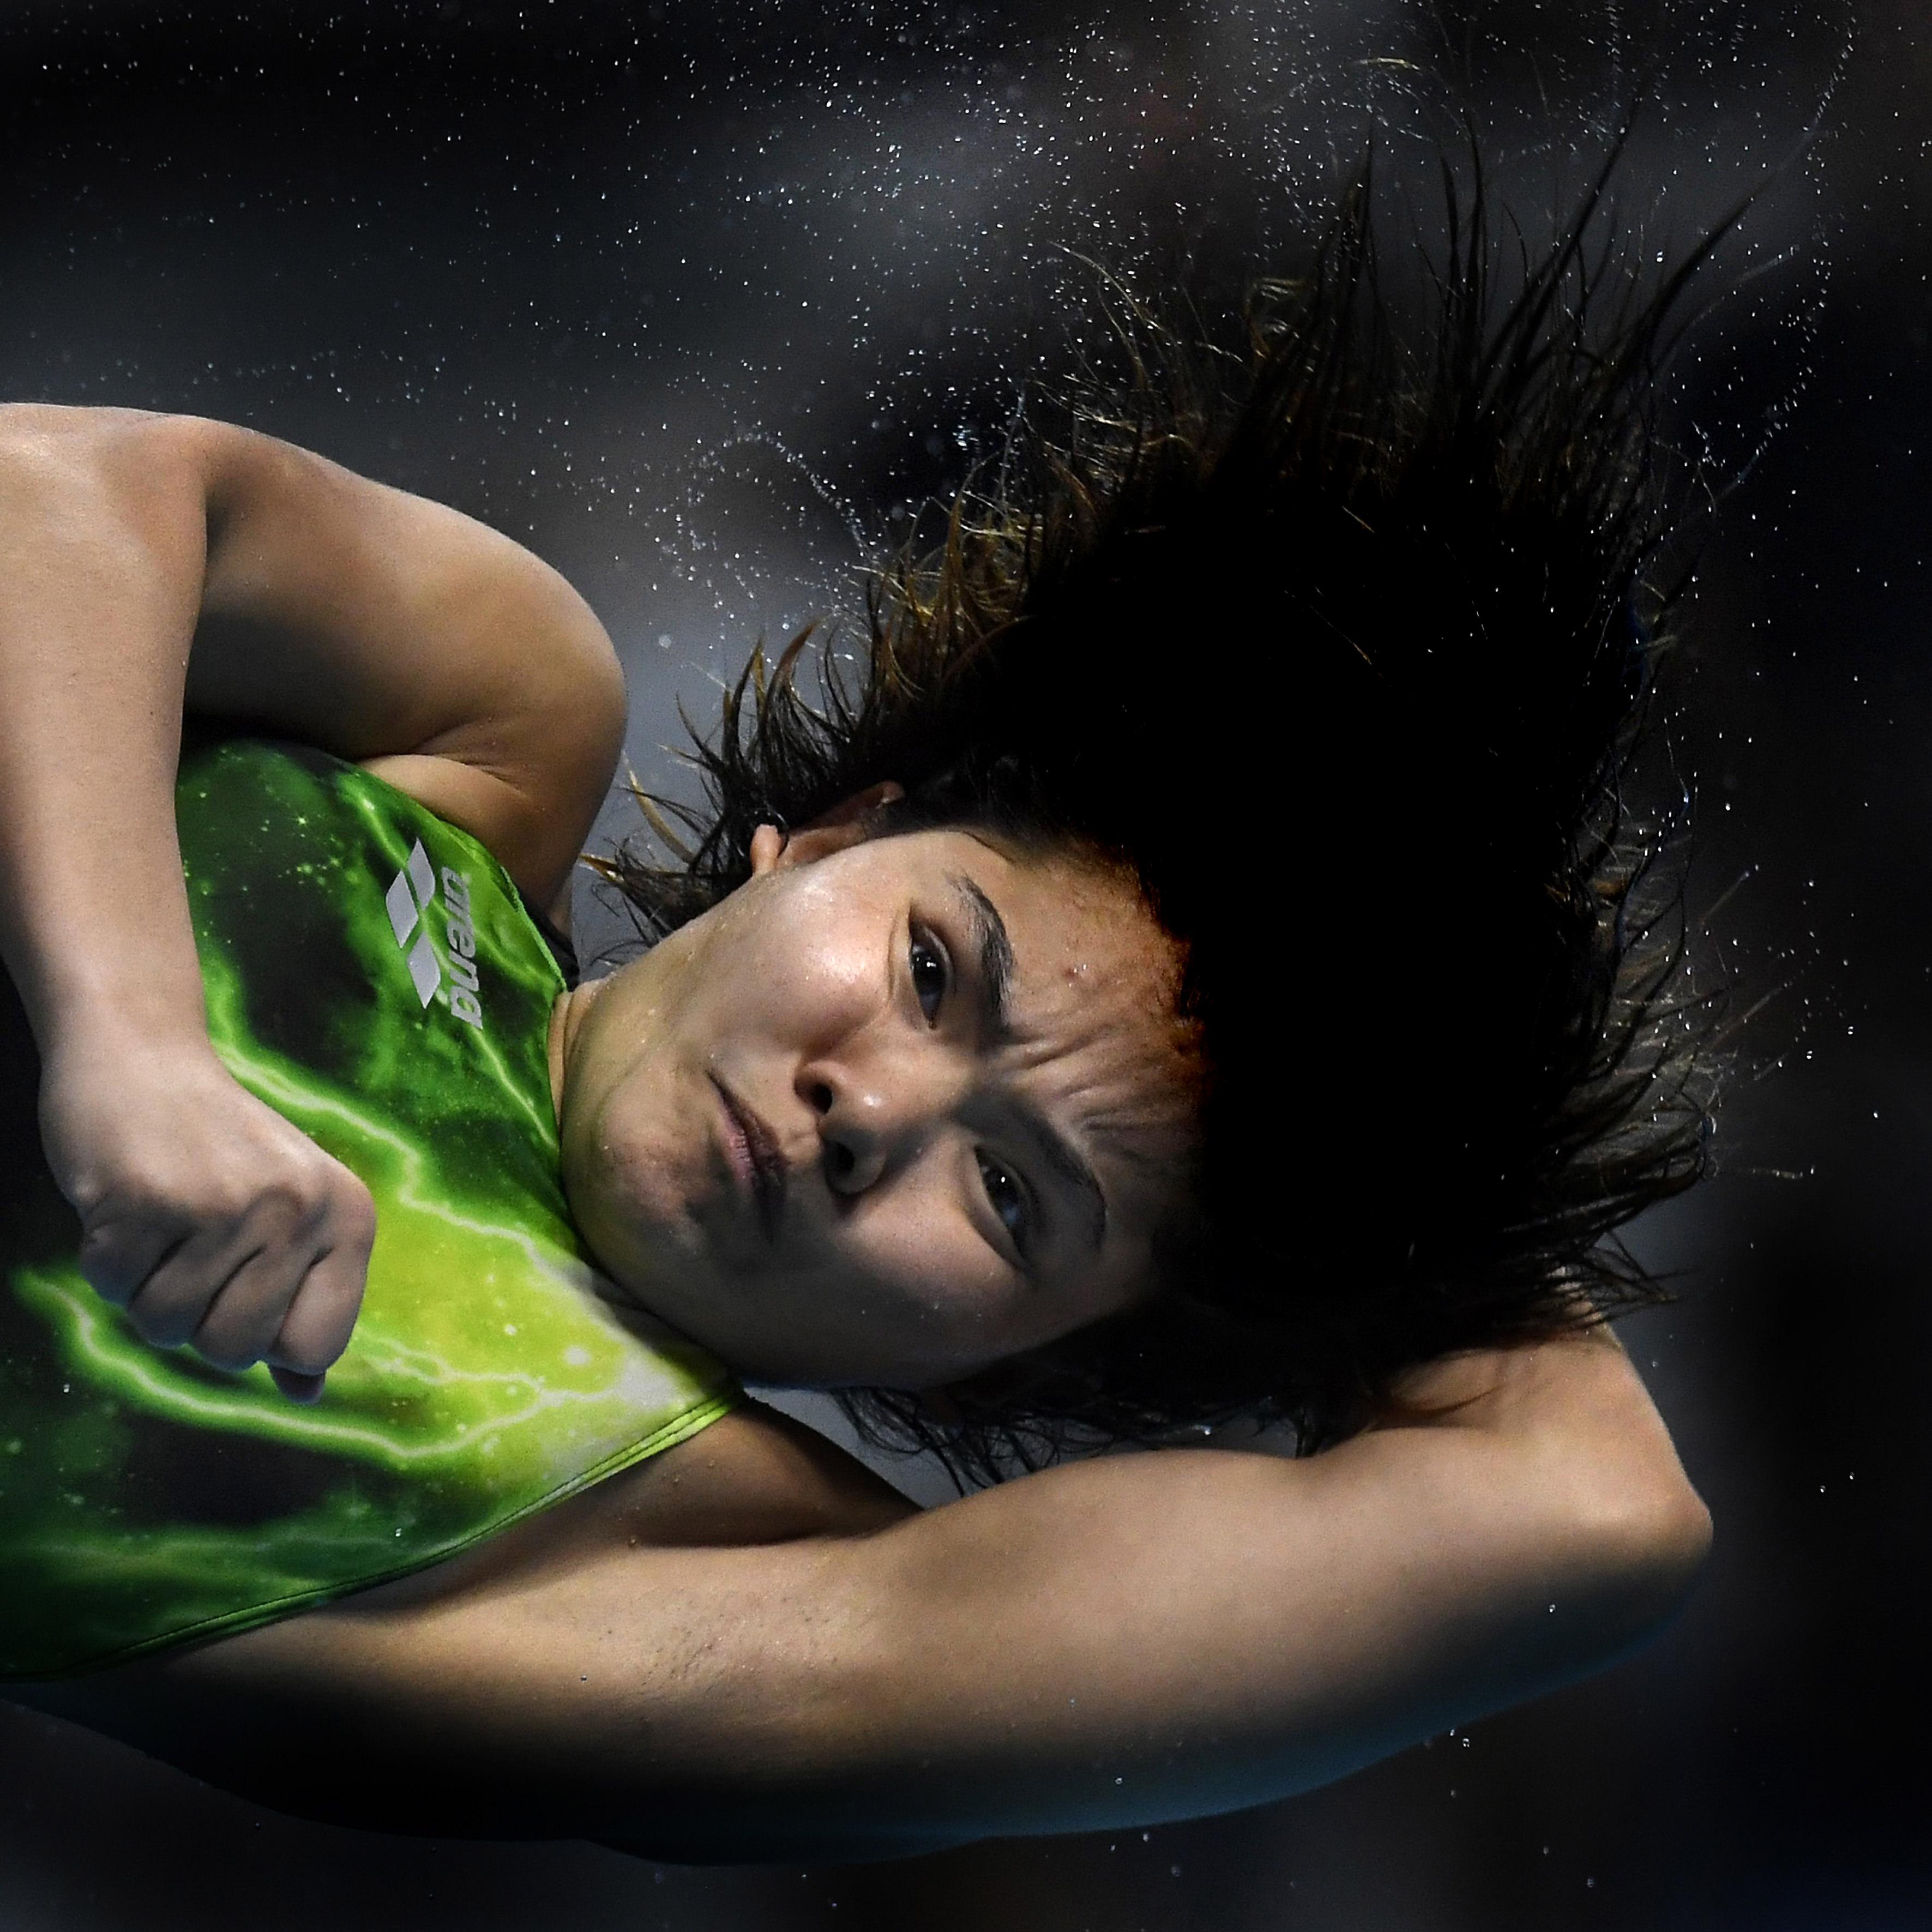 Illyés Tibor: A malajziai Binti Nur Dhabitah Sabri a 3 méteres női műugrás döntőjének végén a 17. vizes világbajnokságon a fővárosi Duna Arénában 2017. július 21-én